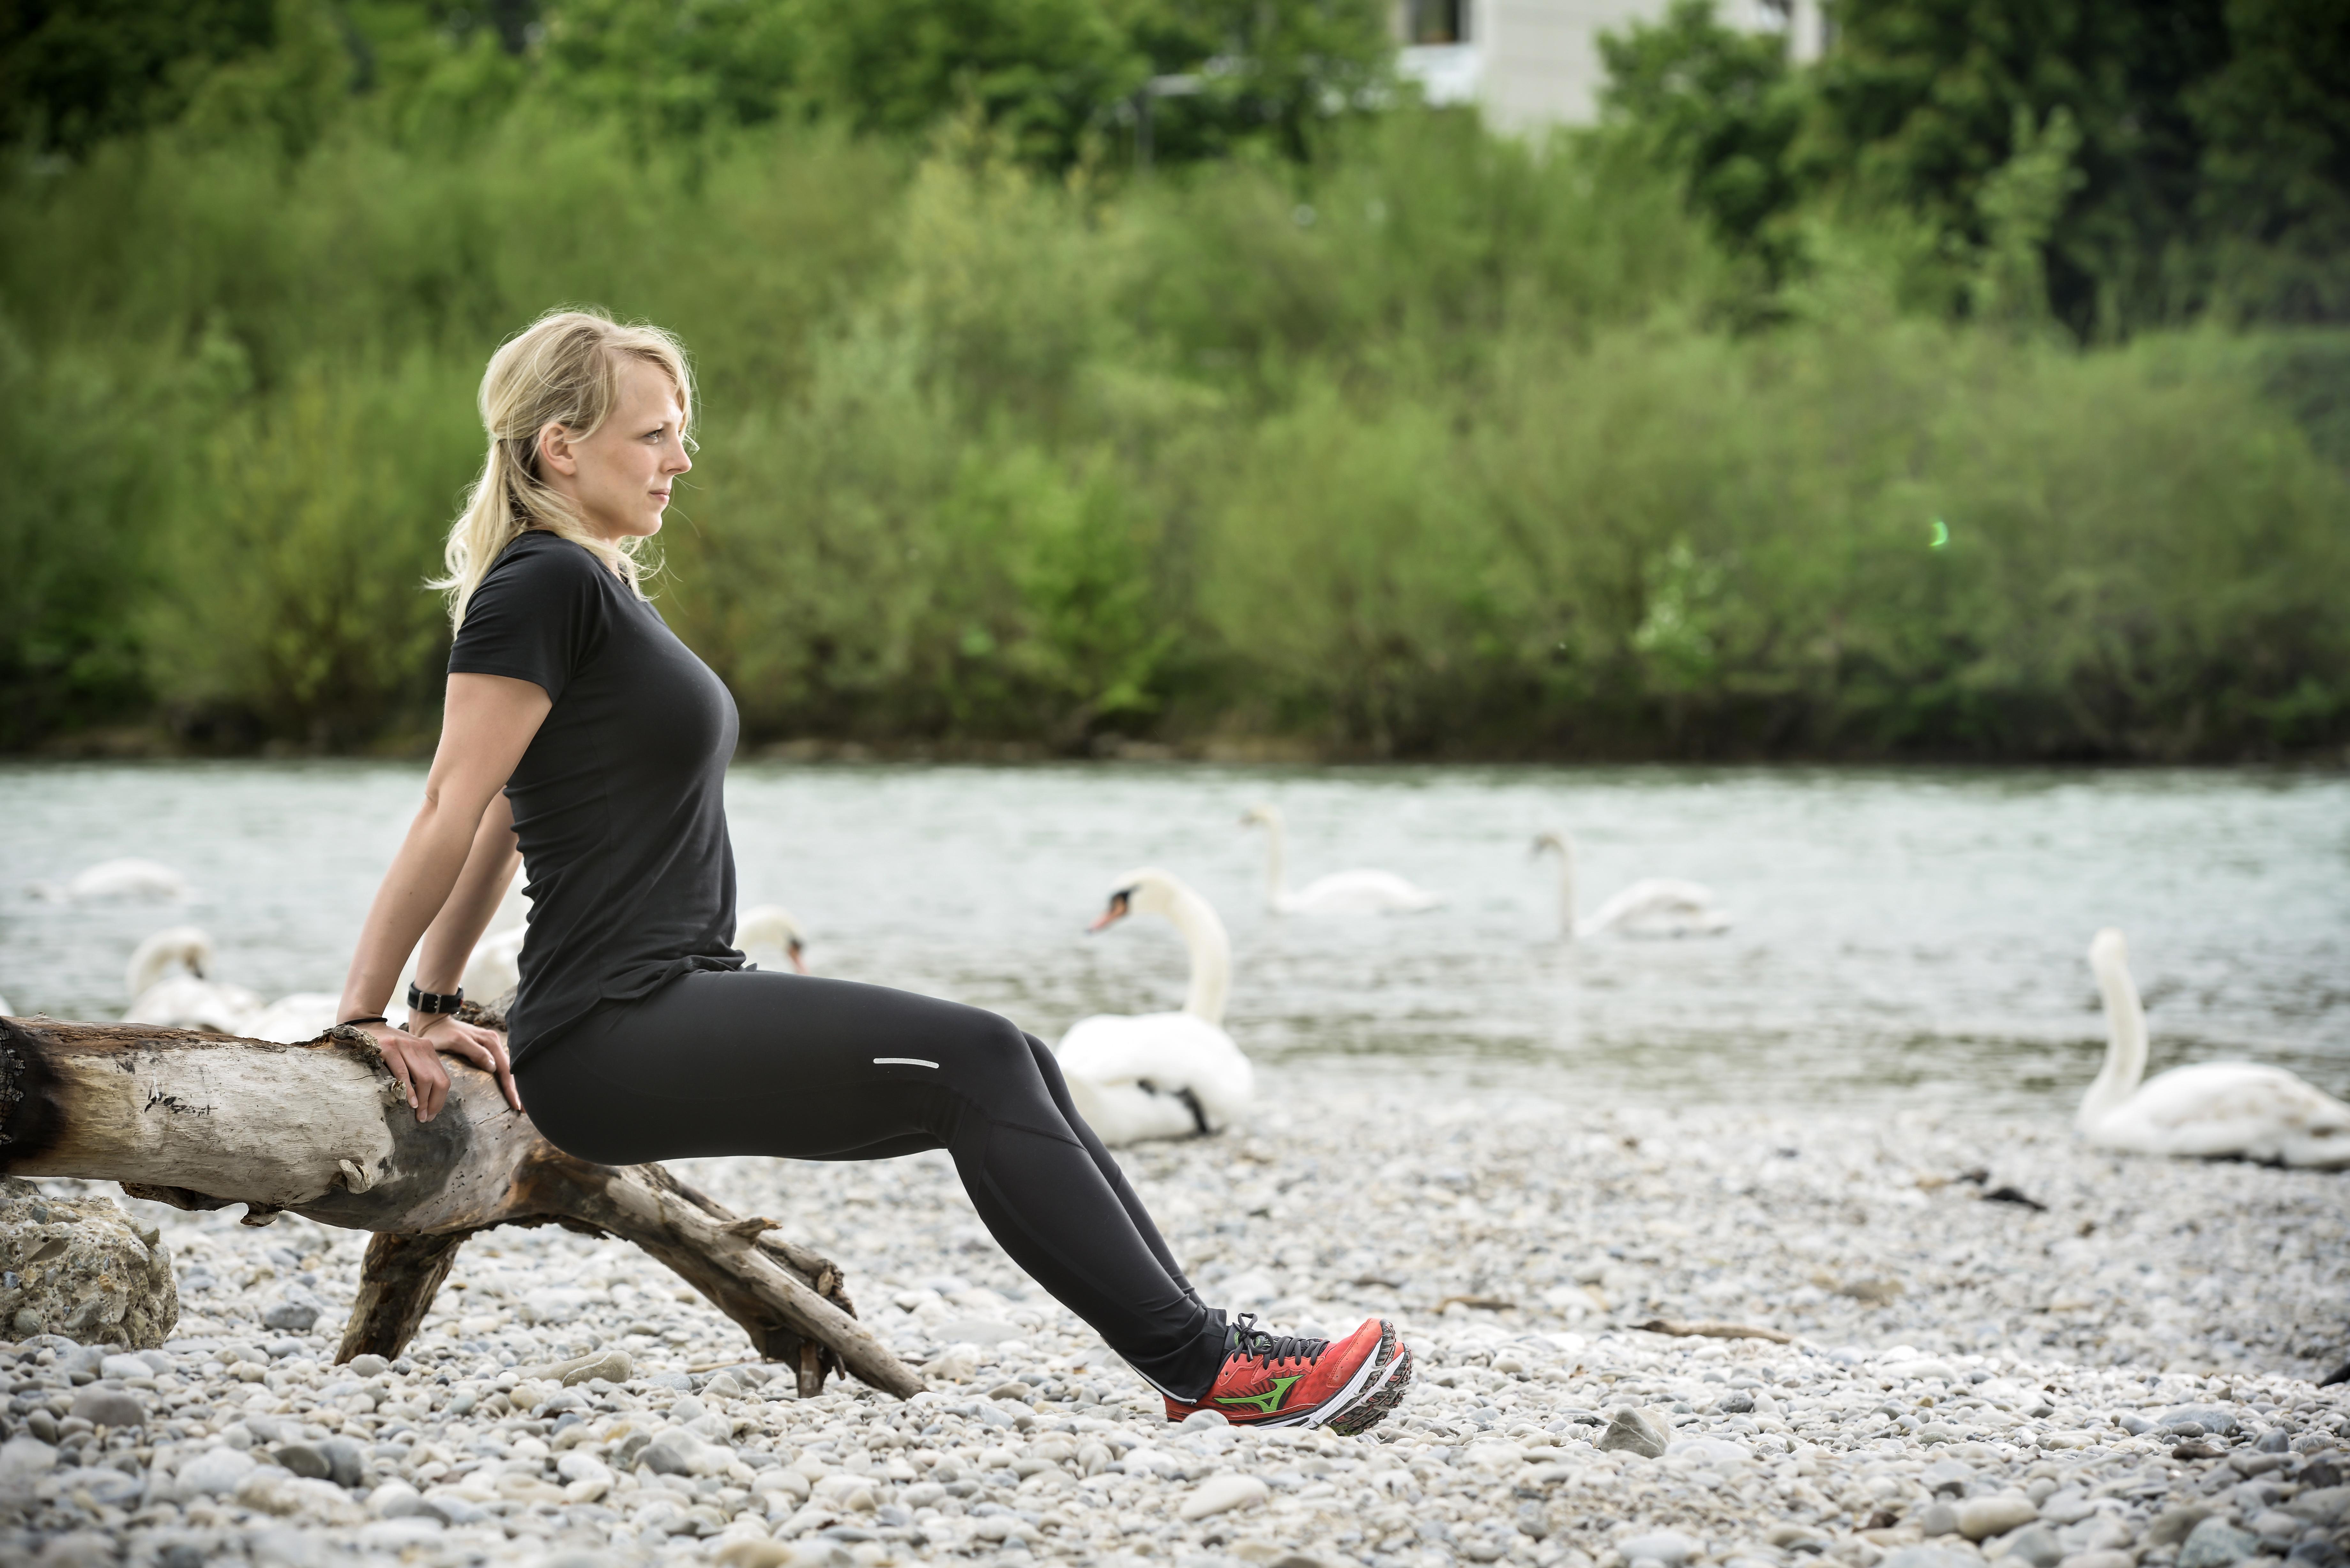 cr - Personal Trainer München